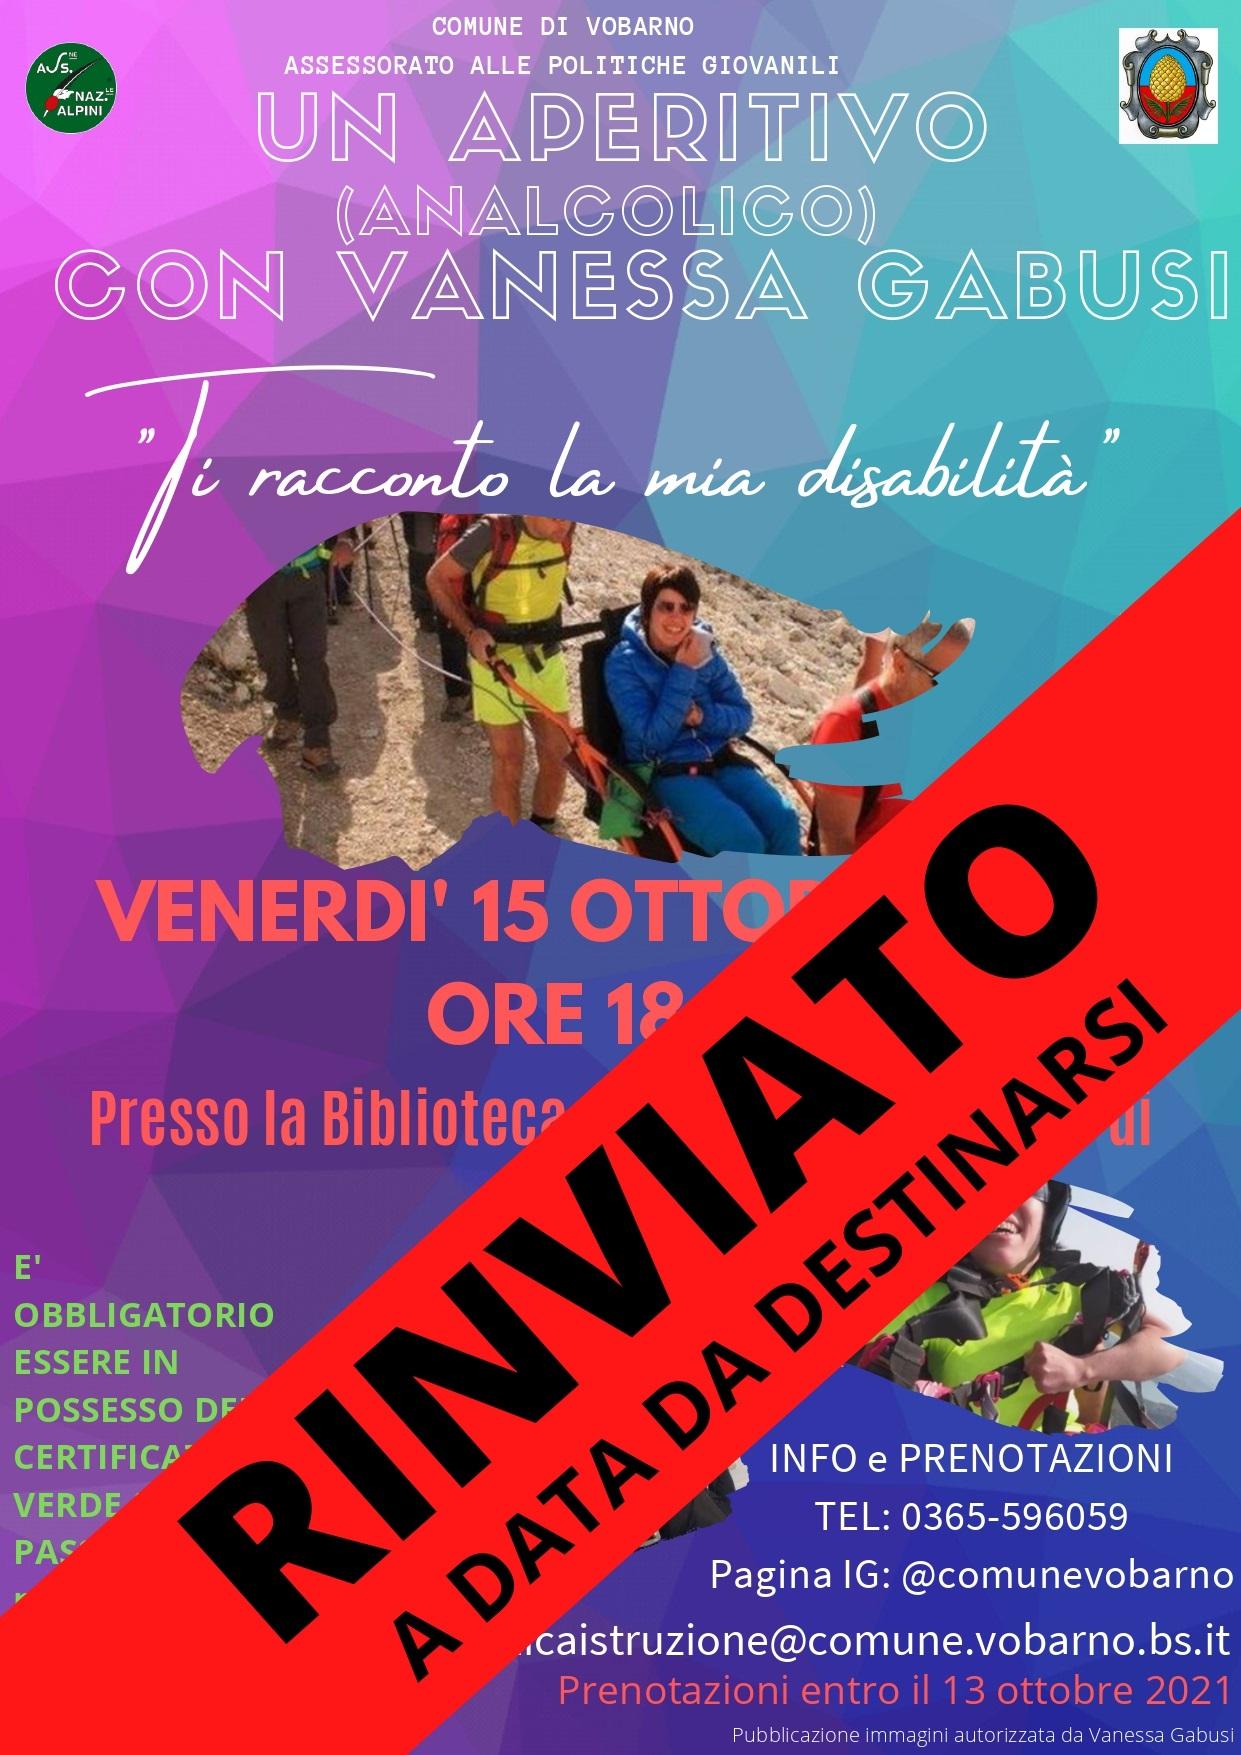 EVENTO ANNULLATO- Un Aperitivo (Analcolico) Con Vanessa Gabusi - Venerdi\' 15 Ottobre 2021 ore 18,30